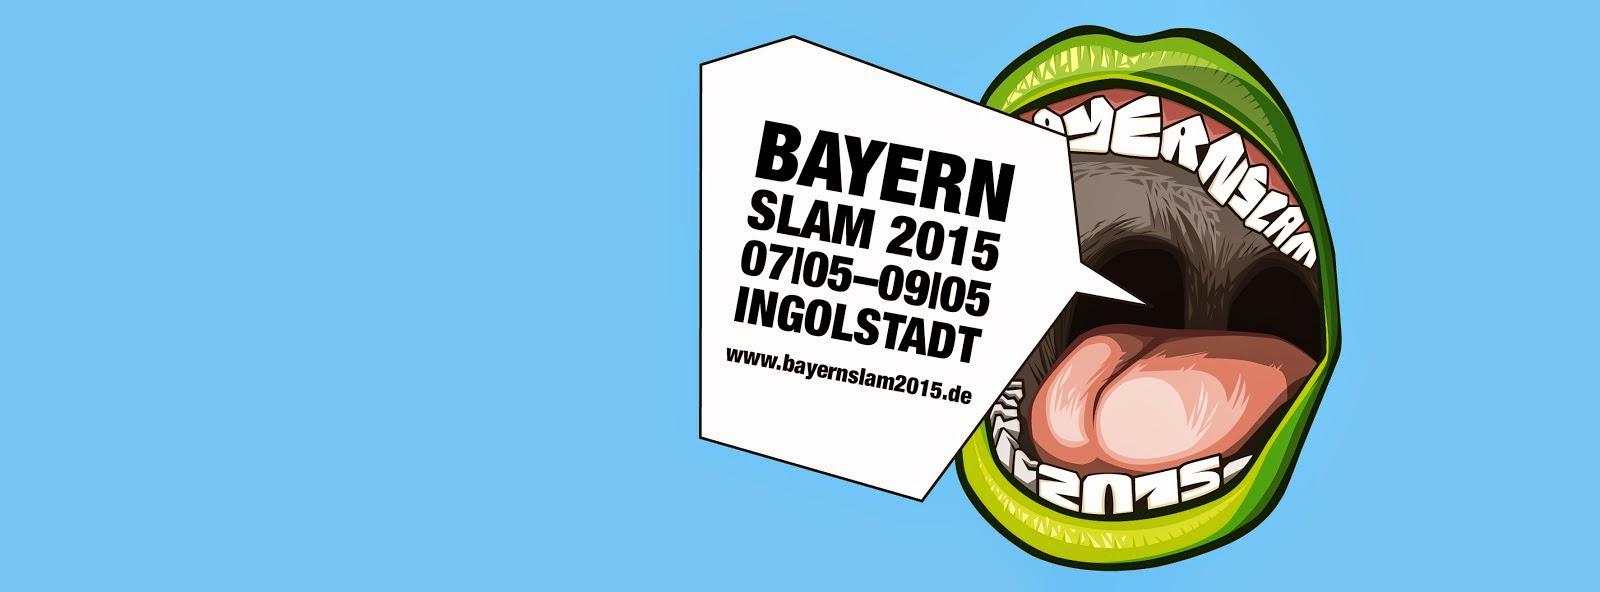 Bayernslam 2015